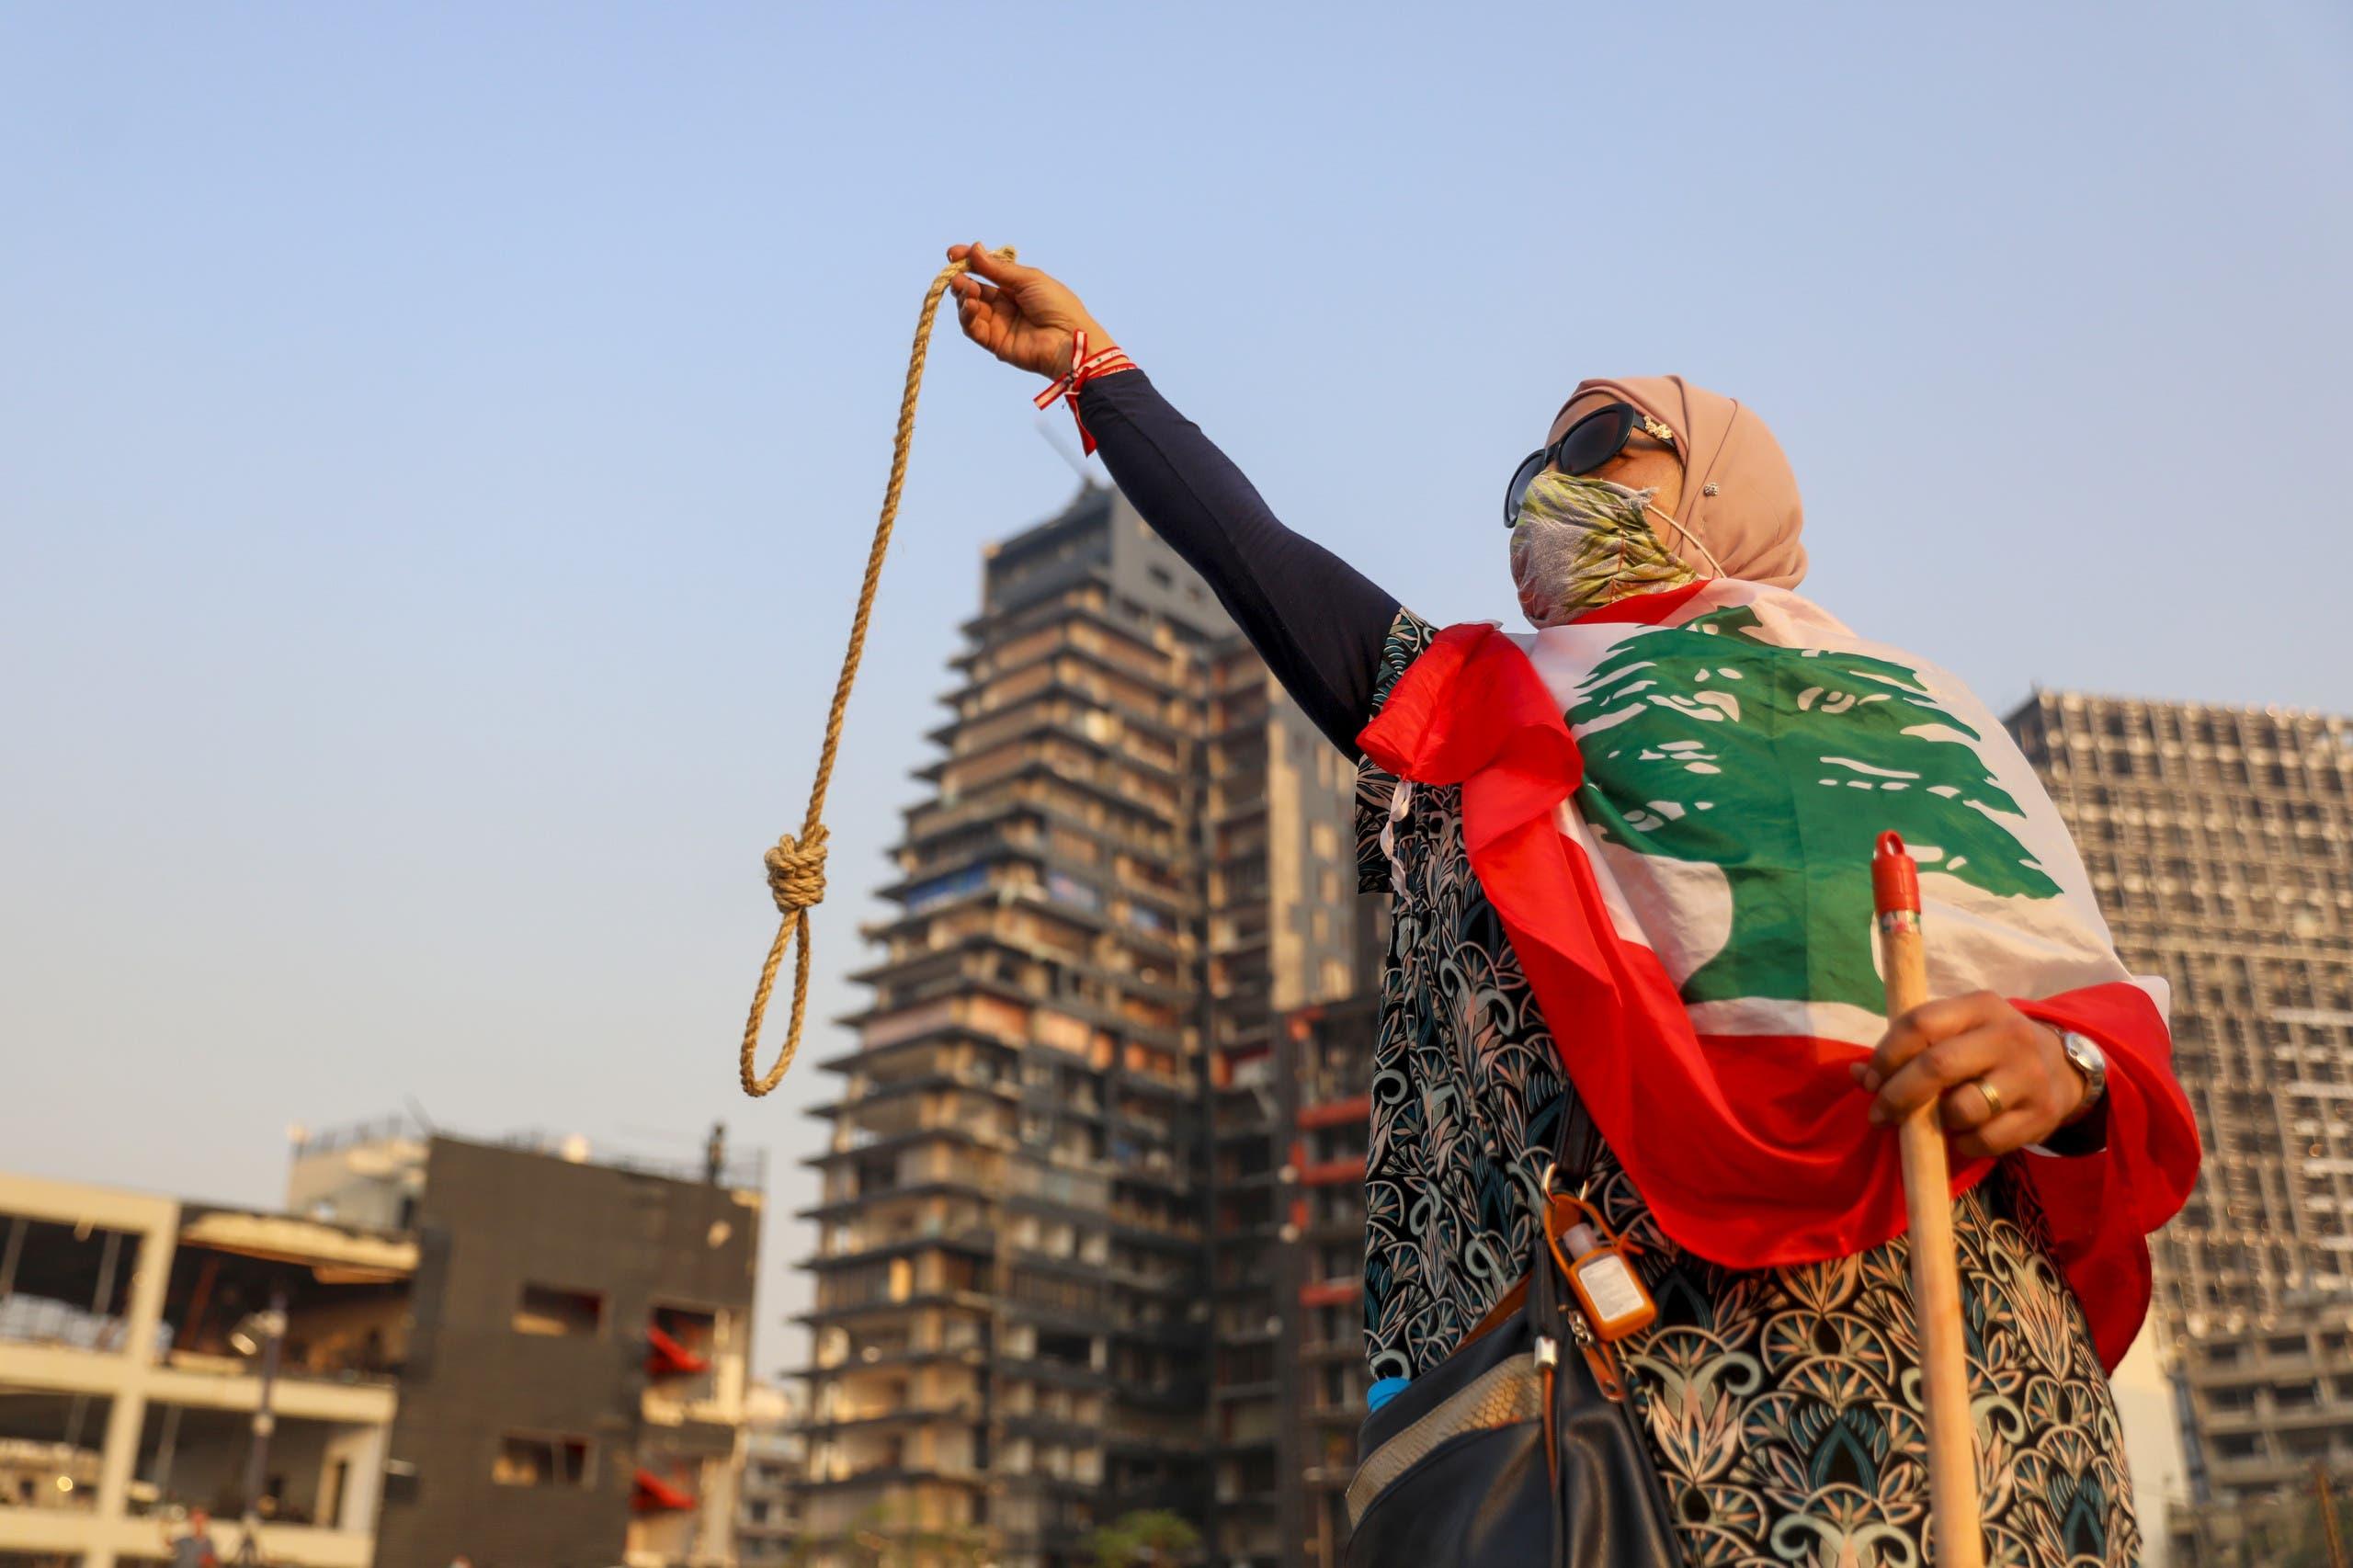 متظاهرة في لبنان تدعو لمحاسبة المتورطين في انفجار مرفأ بيروت حاملة حبل مشنقة (أرشيفية- فرانس برس)